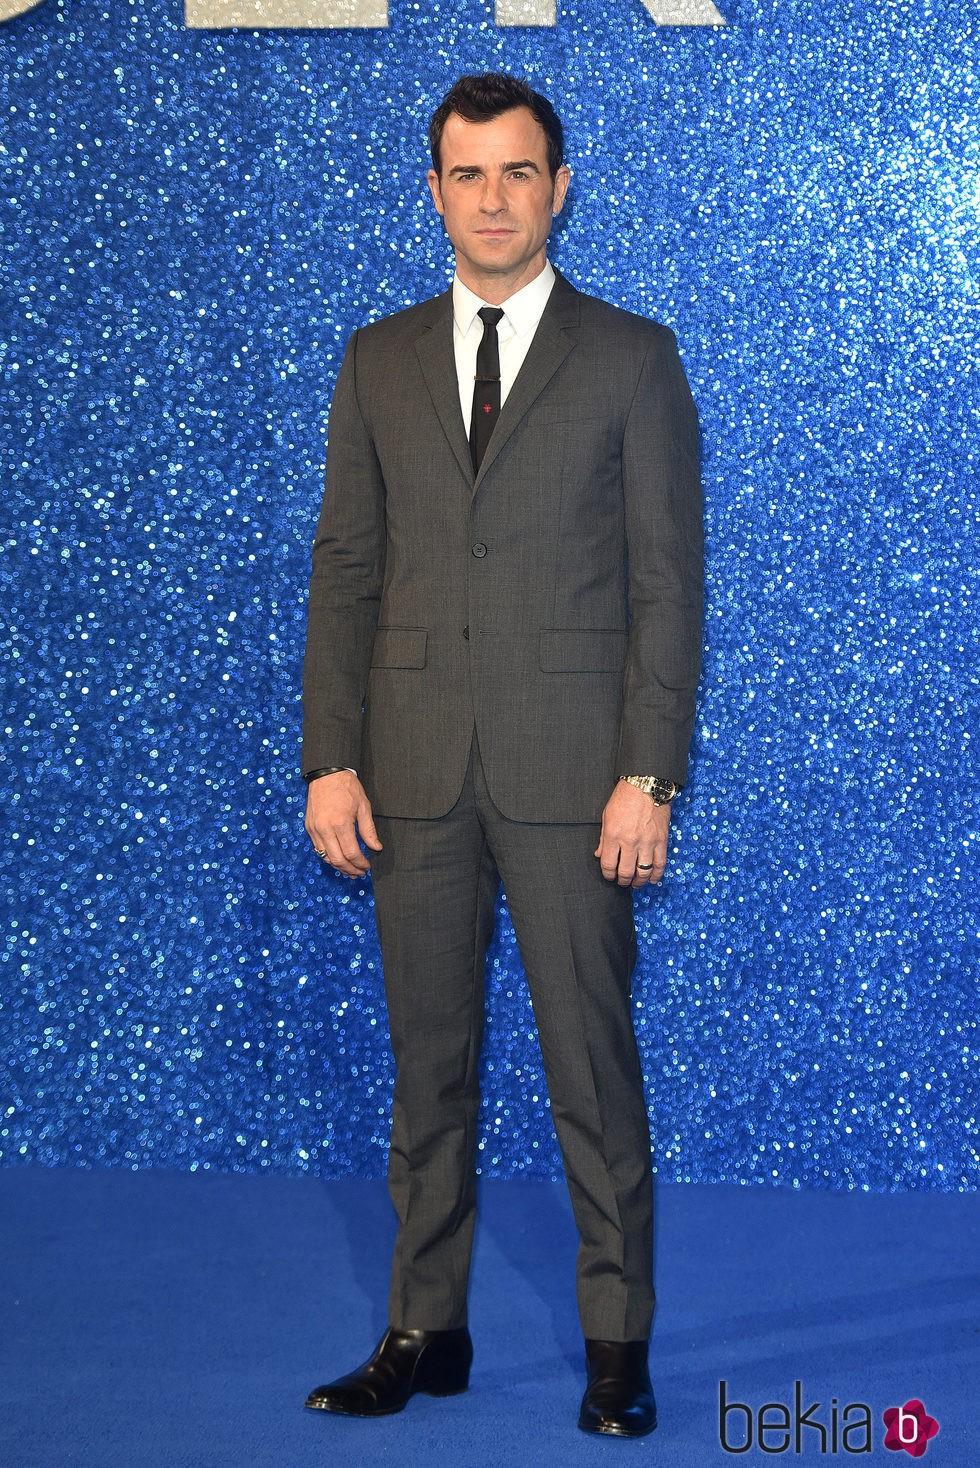 Justin Theroux en el estreno de 'Zoolander 2' en Londres